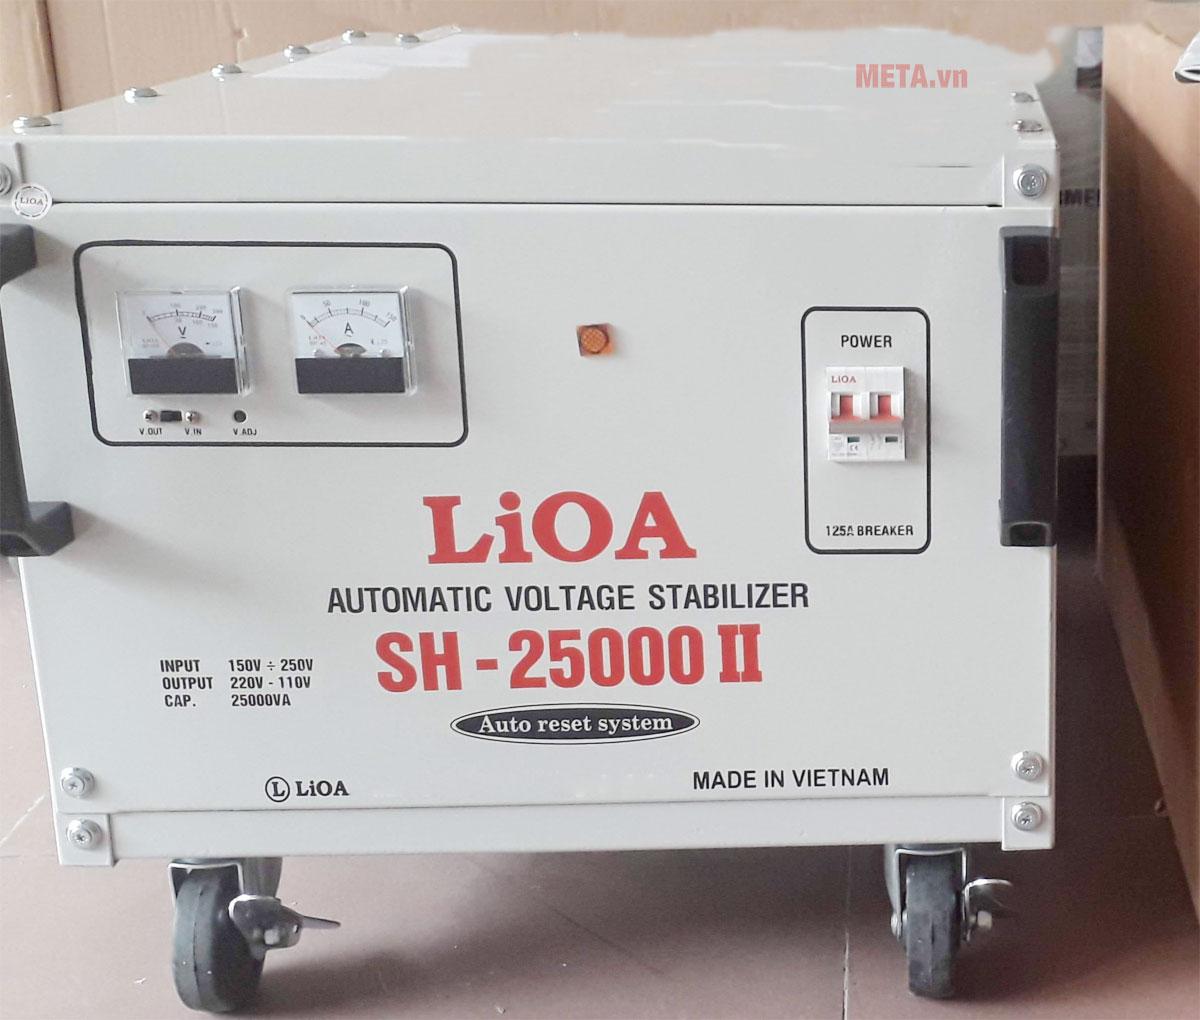 Ổn áp 1 pha Lioa 25KVA SH 25000 có đồng hồ hiển thị điện áp vào/ra